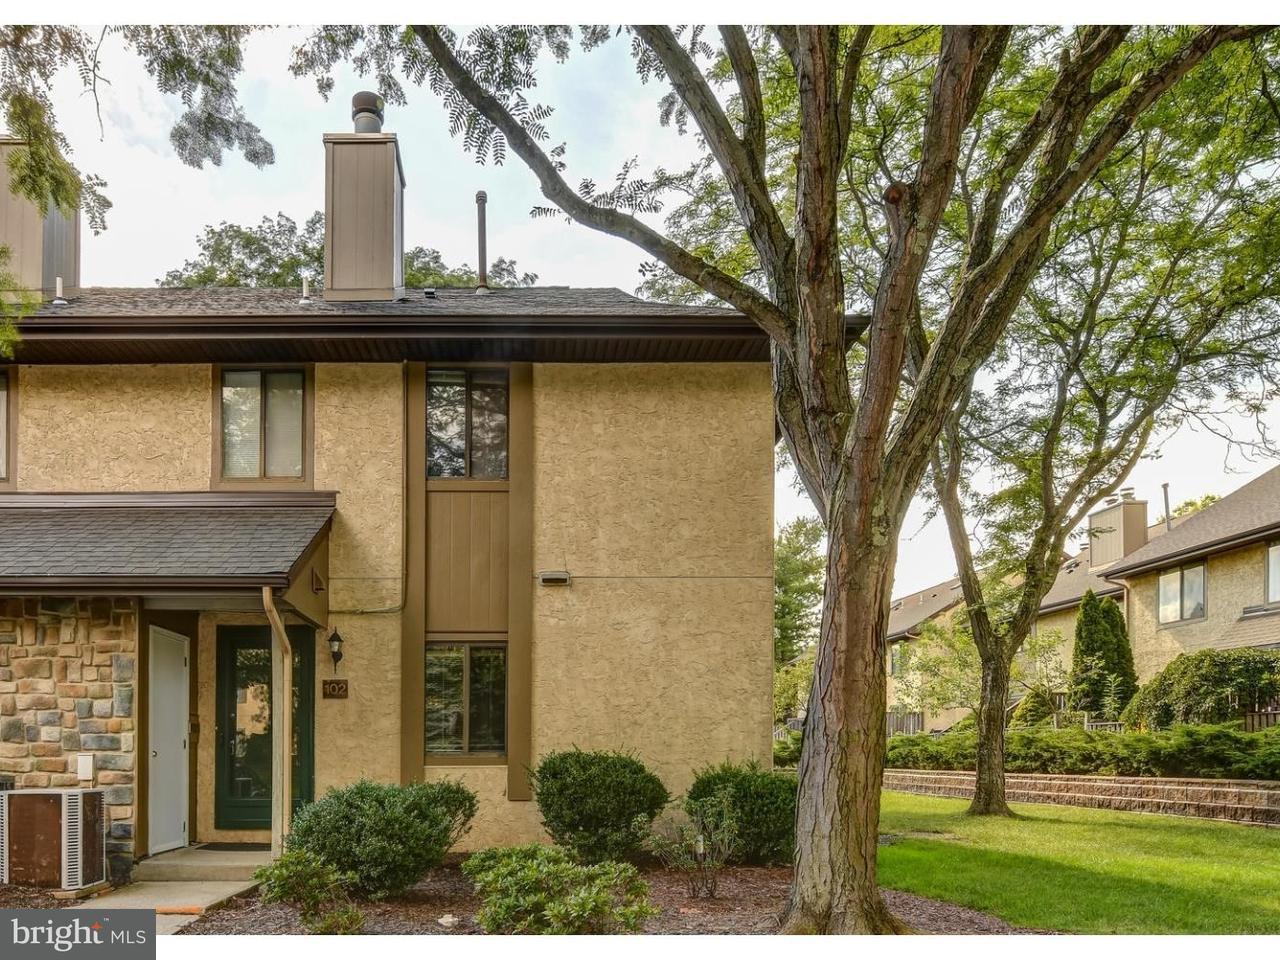 Appartement en copropriété pour l à louer à 102 HAMPSHIRE Drive Plainsboro, New Jersey 08536 États-UnisDans/Autour: Plainsboro Township